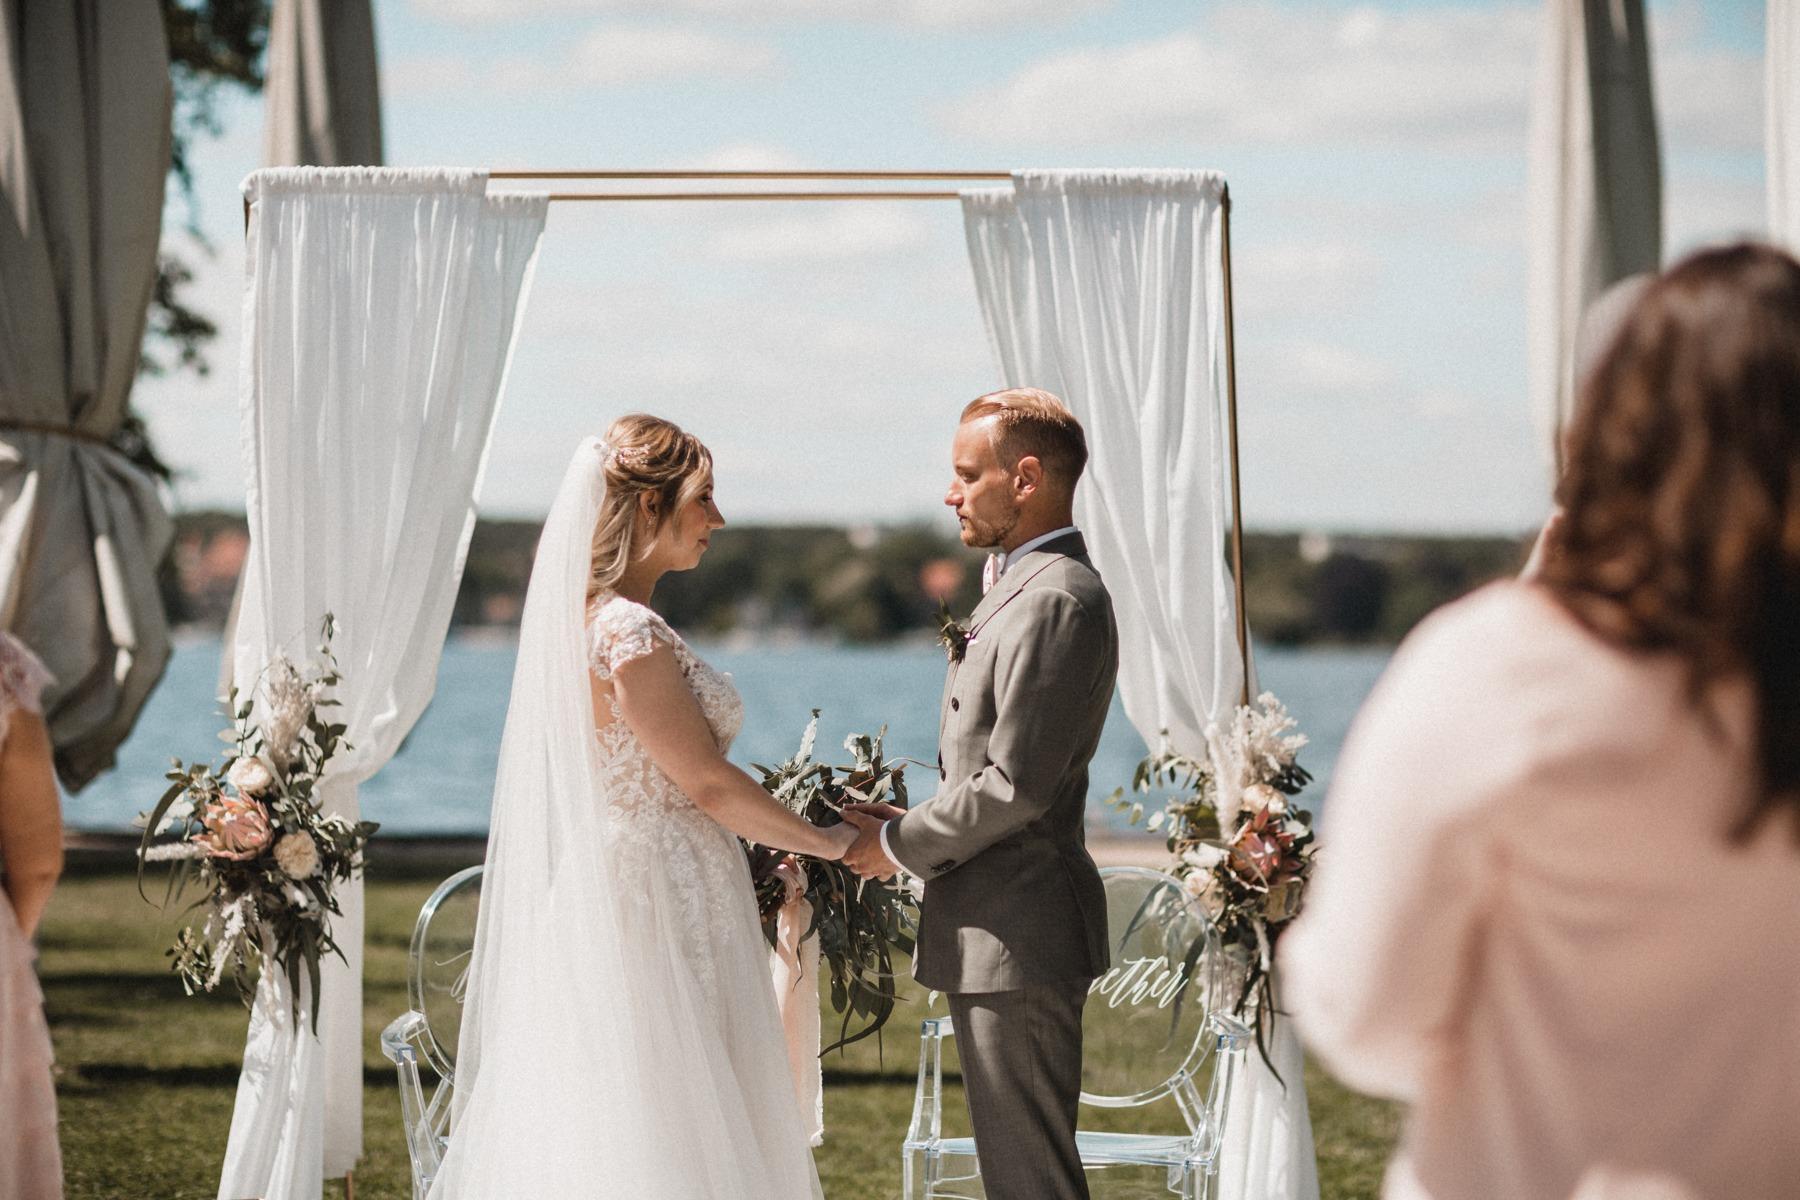 Die freie Trauung mit dem ersten Moment zwischen Braut und Bräutigam